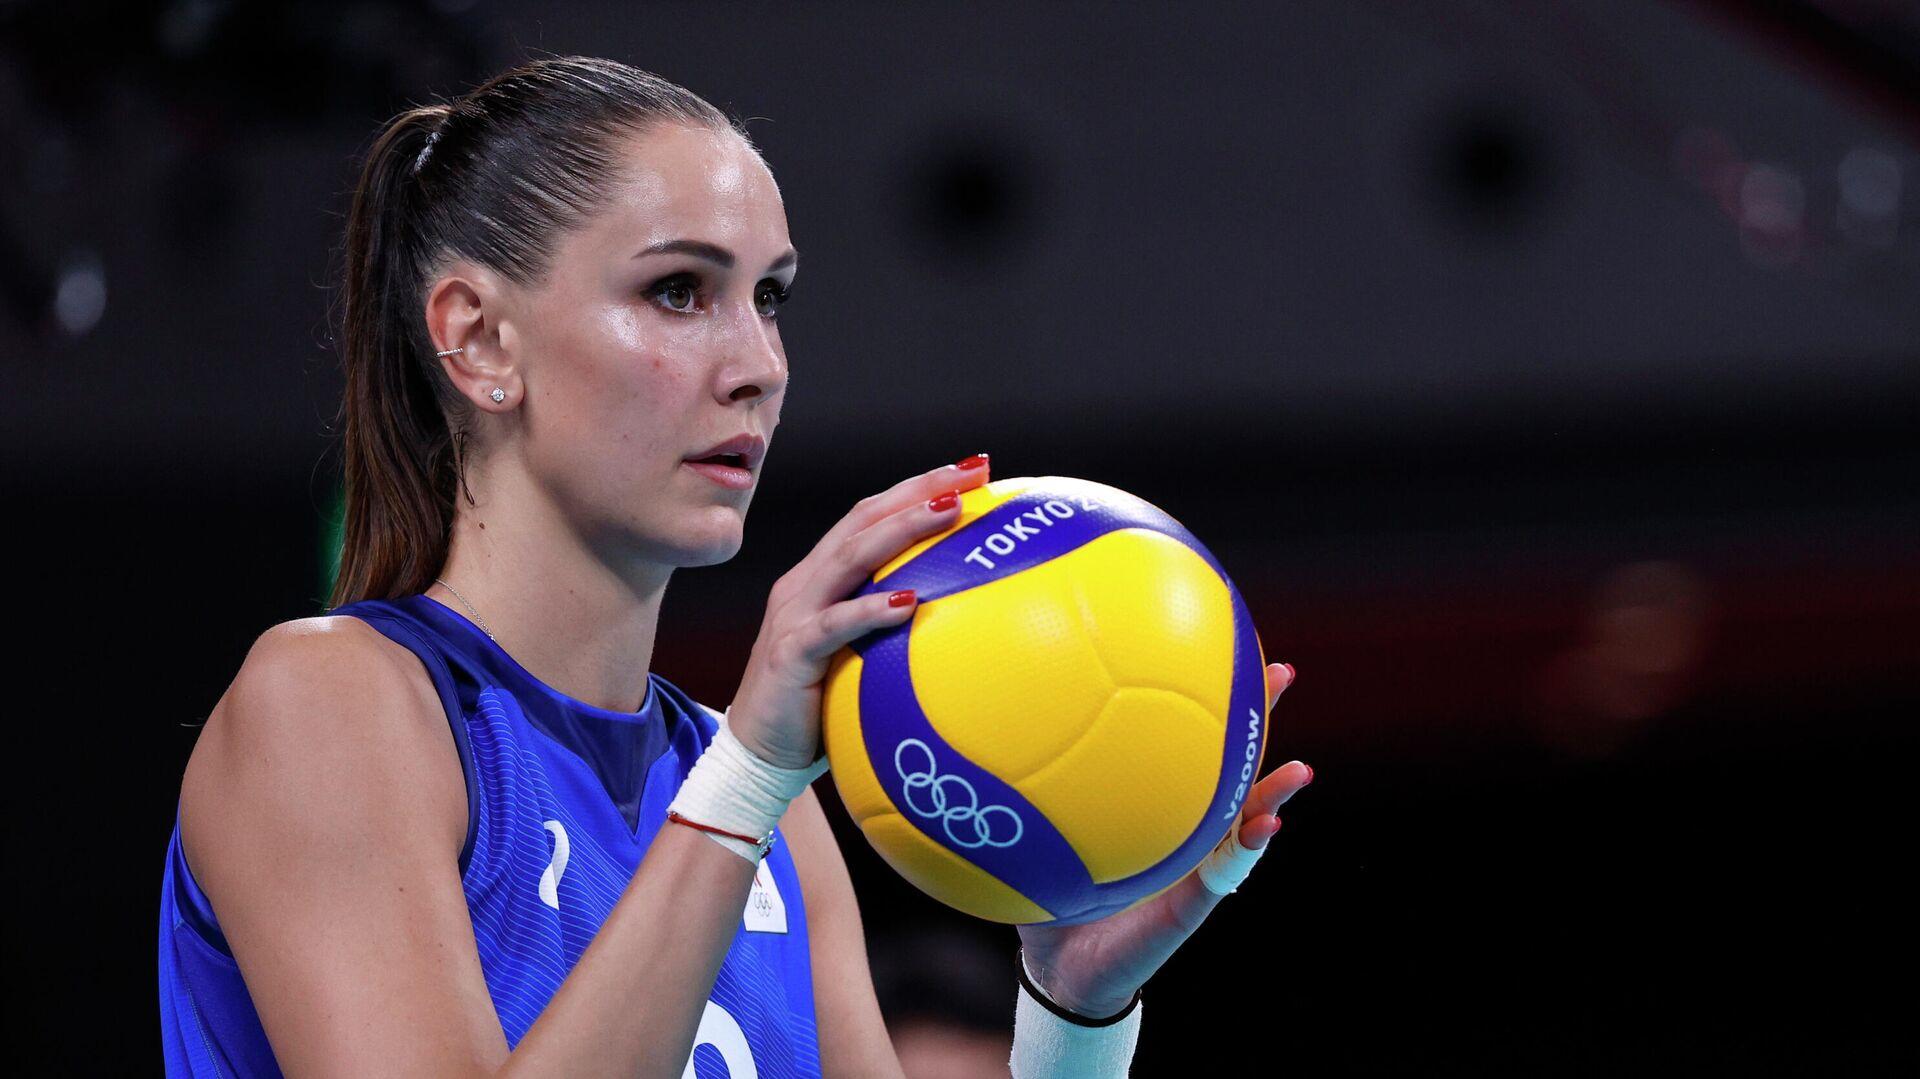 Российская волейболистка Наталия Гончарова - РИА Новости, 1920, 29.07.2021